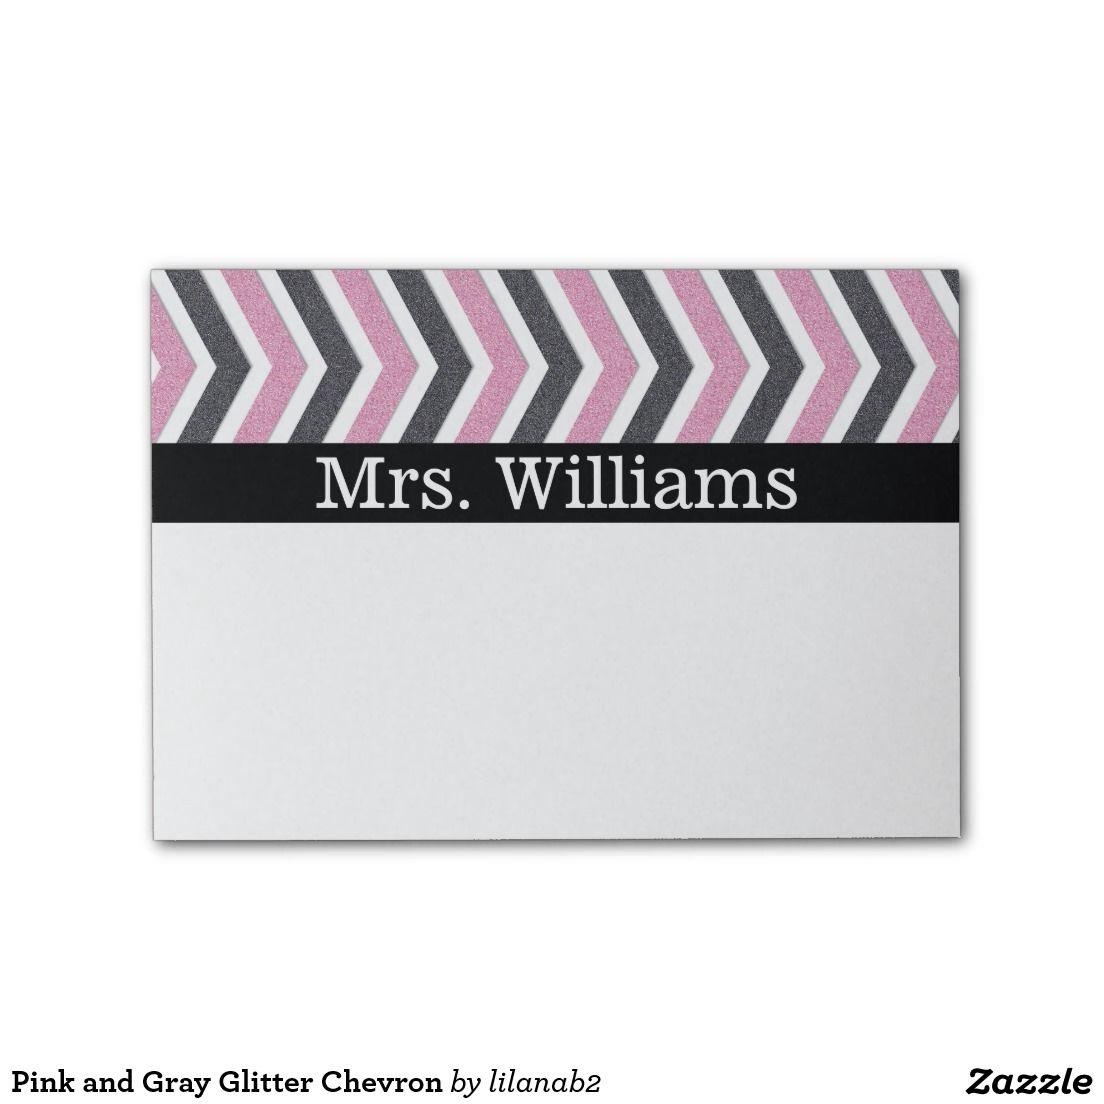 Pink and Gray Glitter Chevron Post-it® Notes @zazzle #zazzle #chevron #glitter